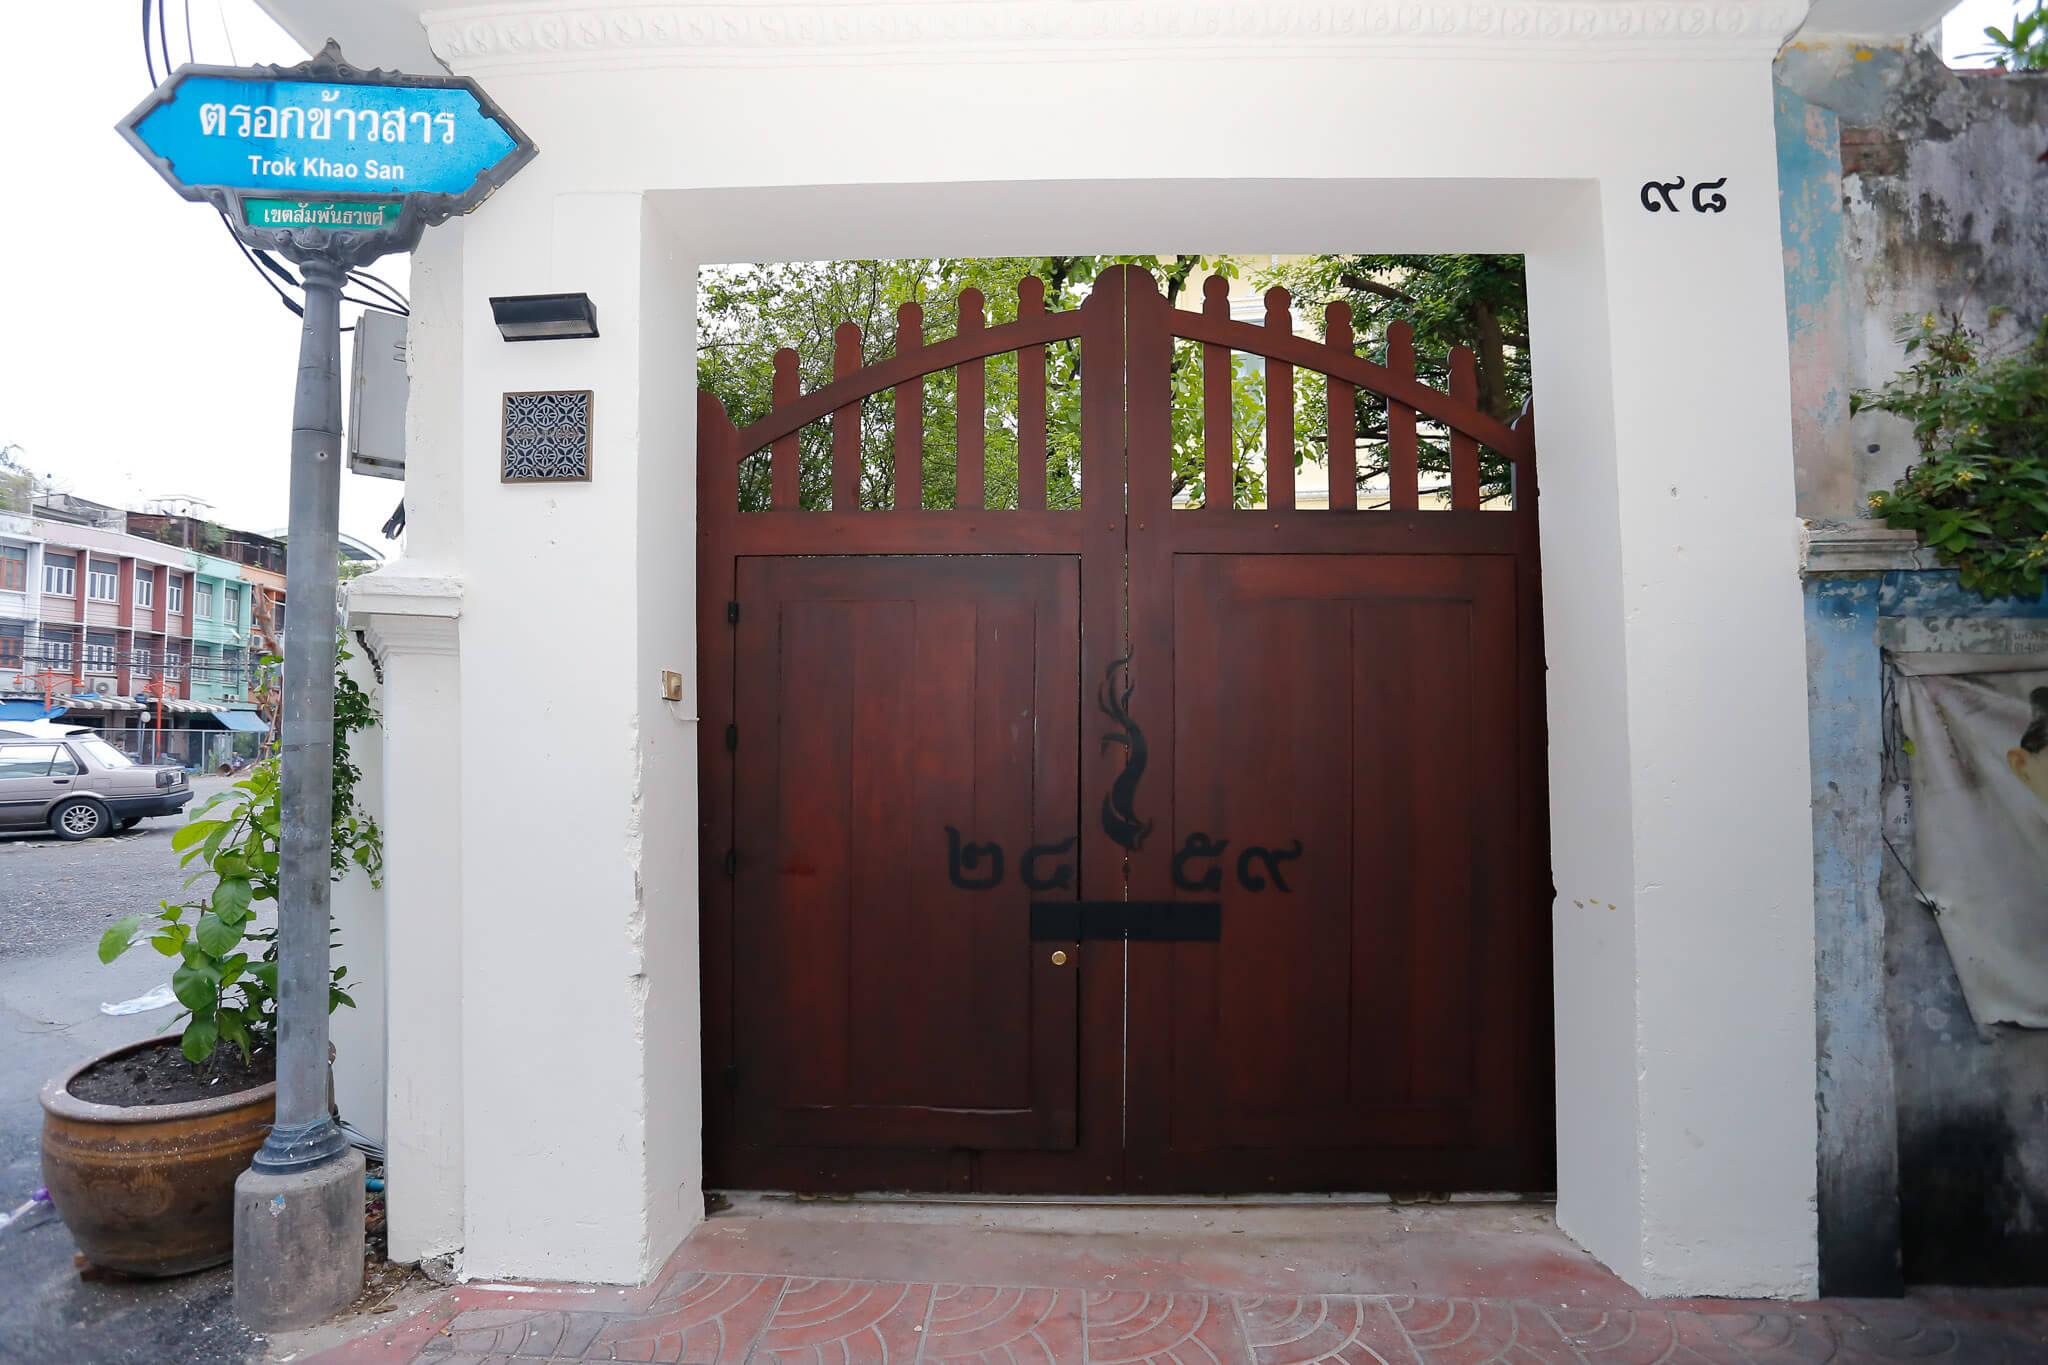 บ้าน 2459 (BAAN 2459) รร.สถาปัตยกรรมชิโนโปรตุกีสยุค ร.๖ ในเยาวราช พร้อมร้านกาแฟน่าแวะถ่ายรูป 18 -